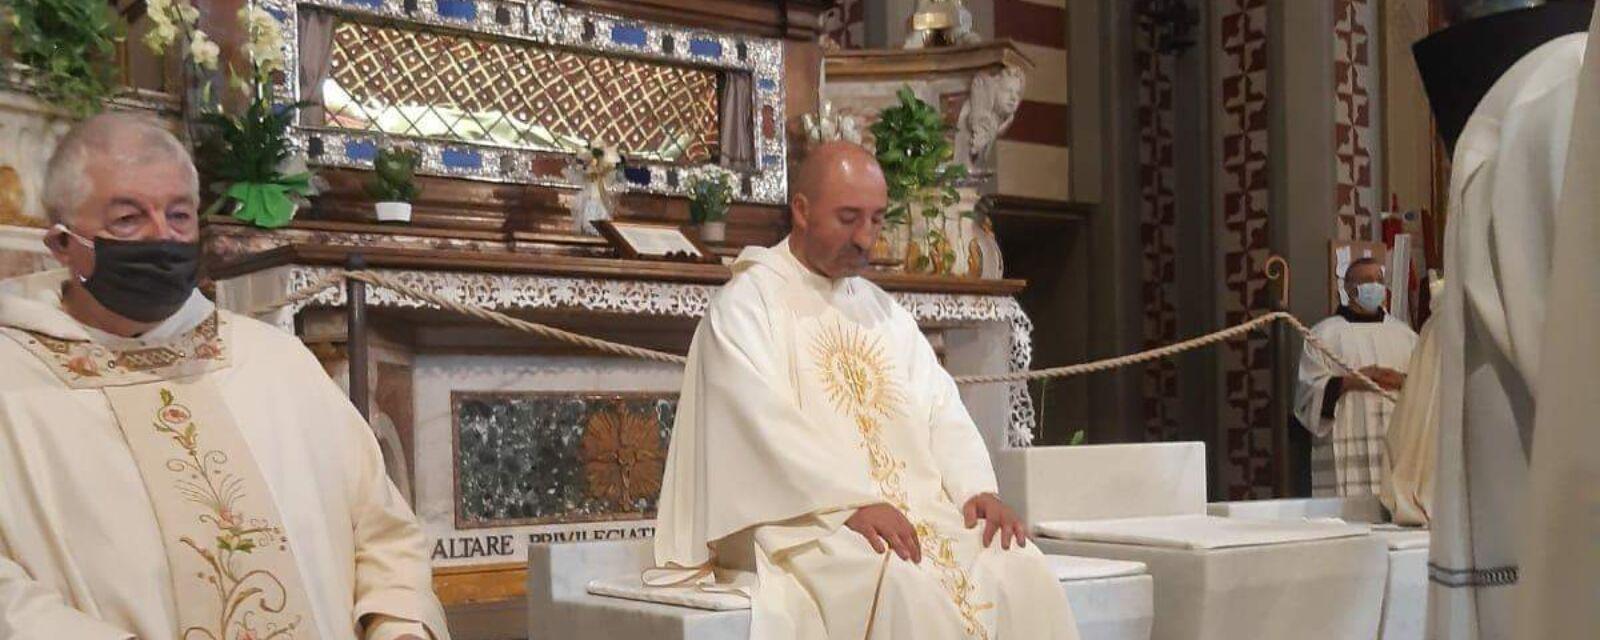 Ordinazione presbiterale di fr. Andrea Polverino 5